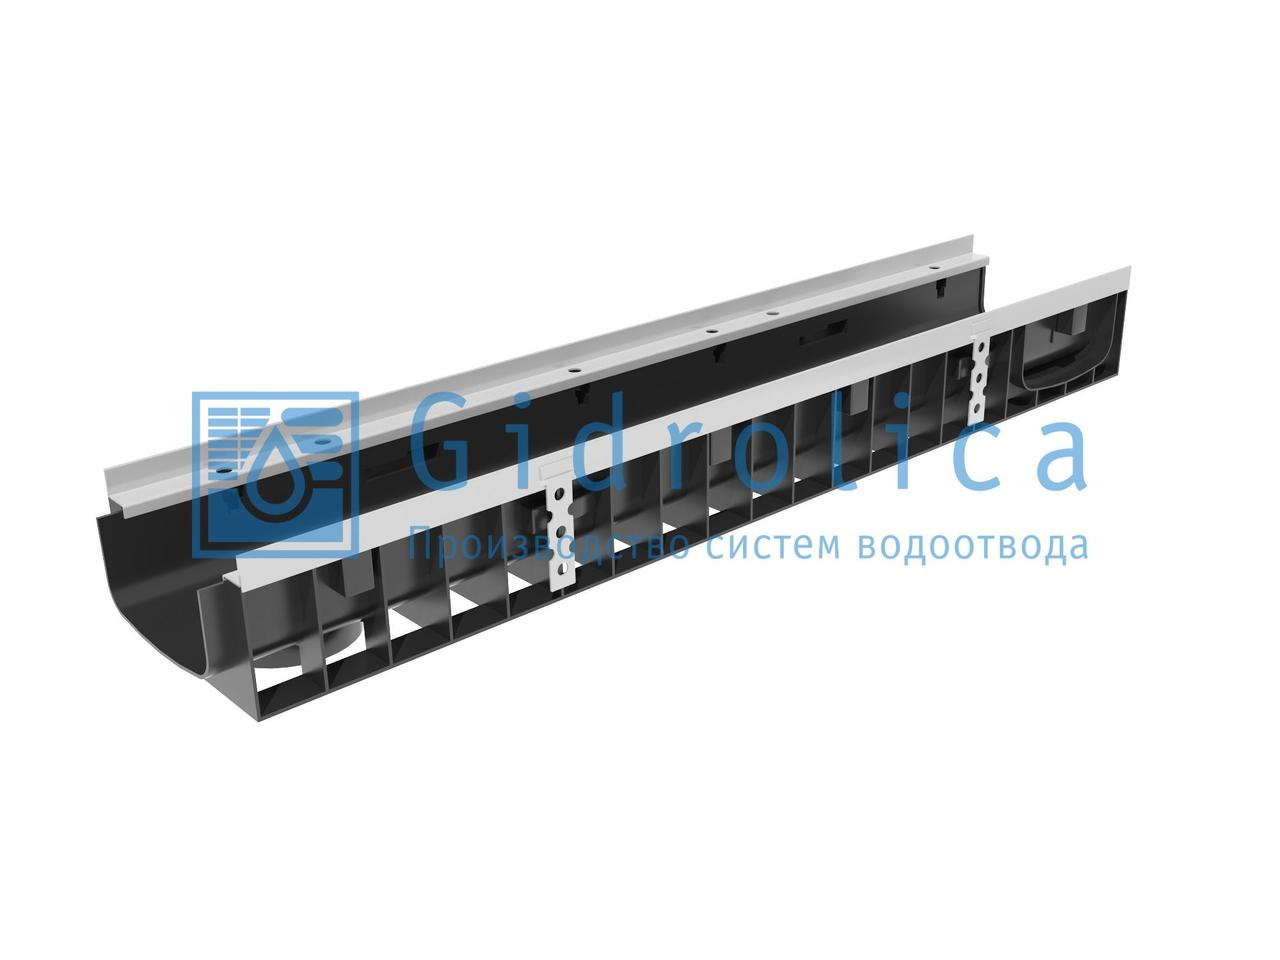 Пескоуловитель Gidrolica Super ПУ -20.25.47,8 пластиковый, кл. E600